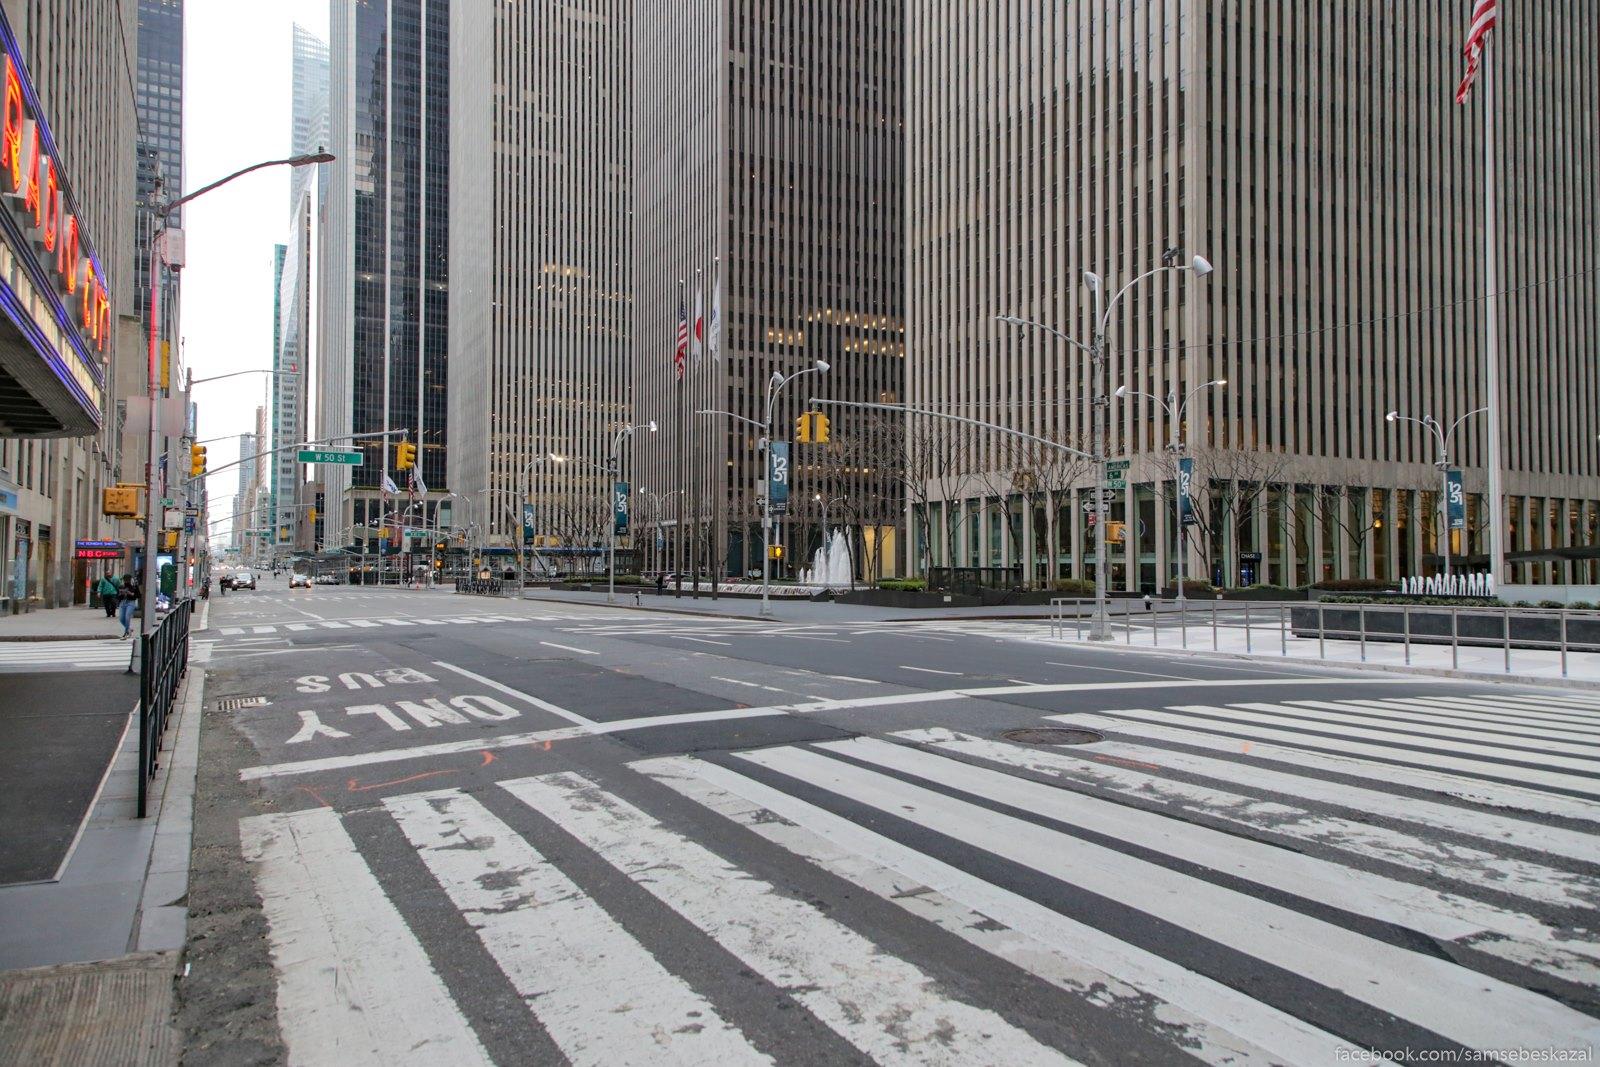 Шестая авеню в районе Рокфеллер-центра. Почти нет машин, совсем нет уличных торговцев и очень немного пешеходов.